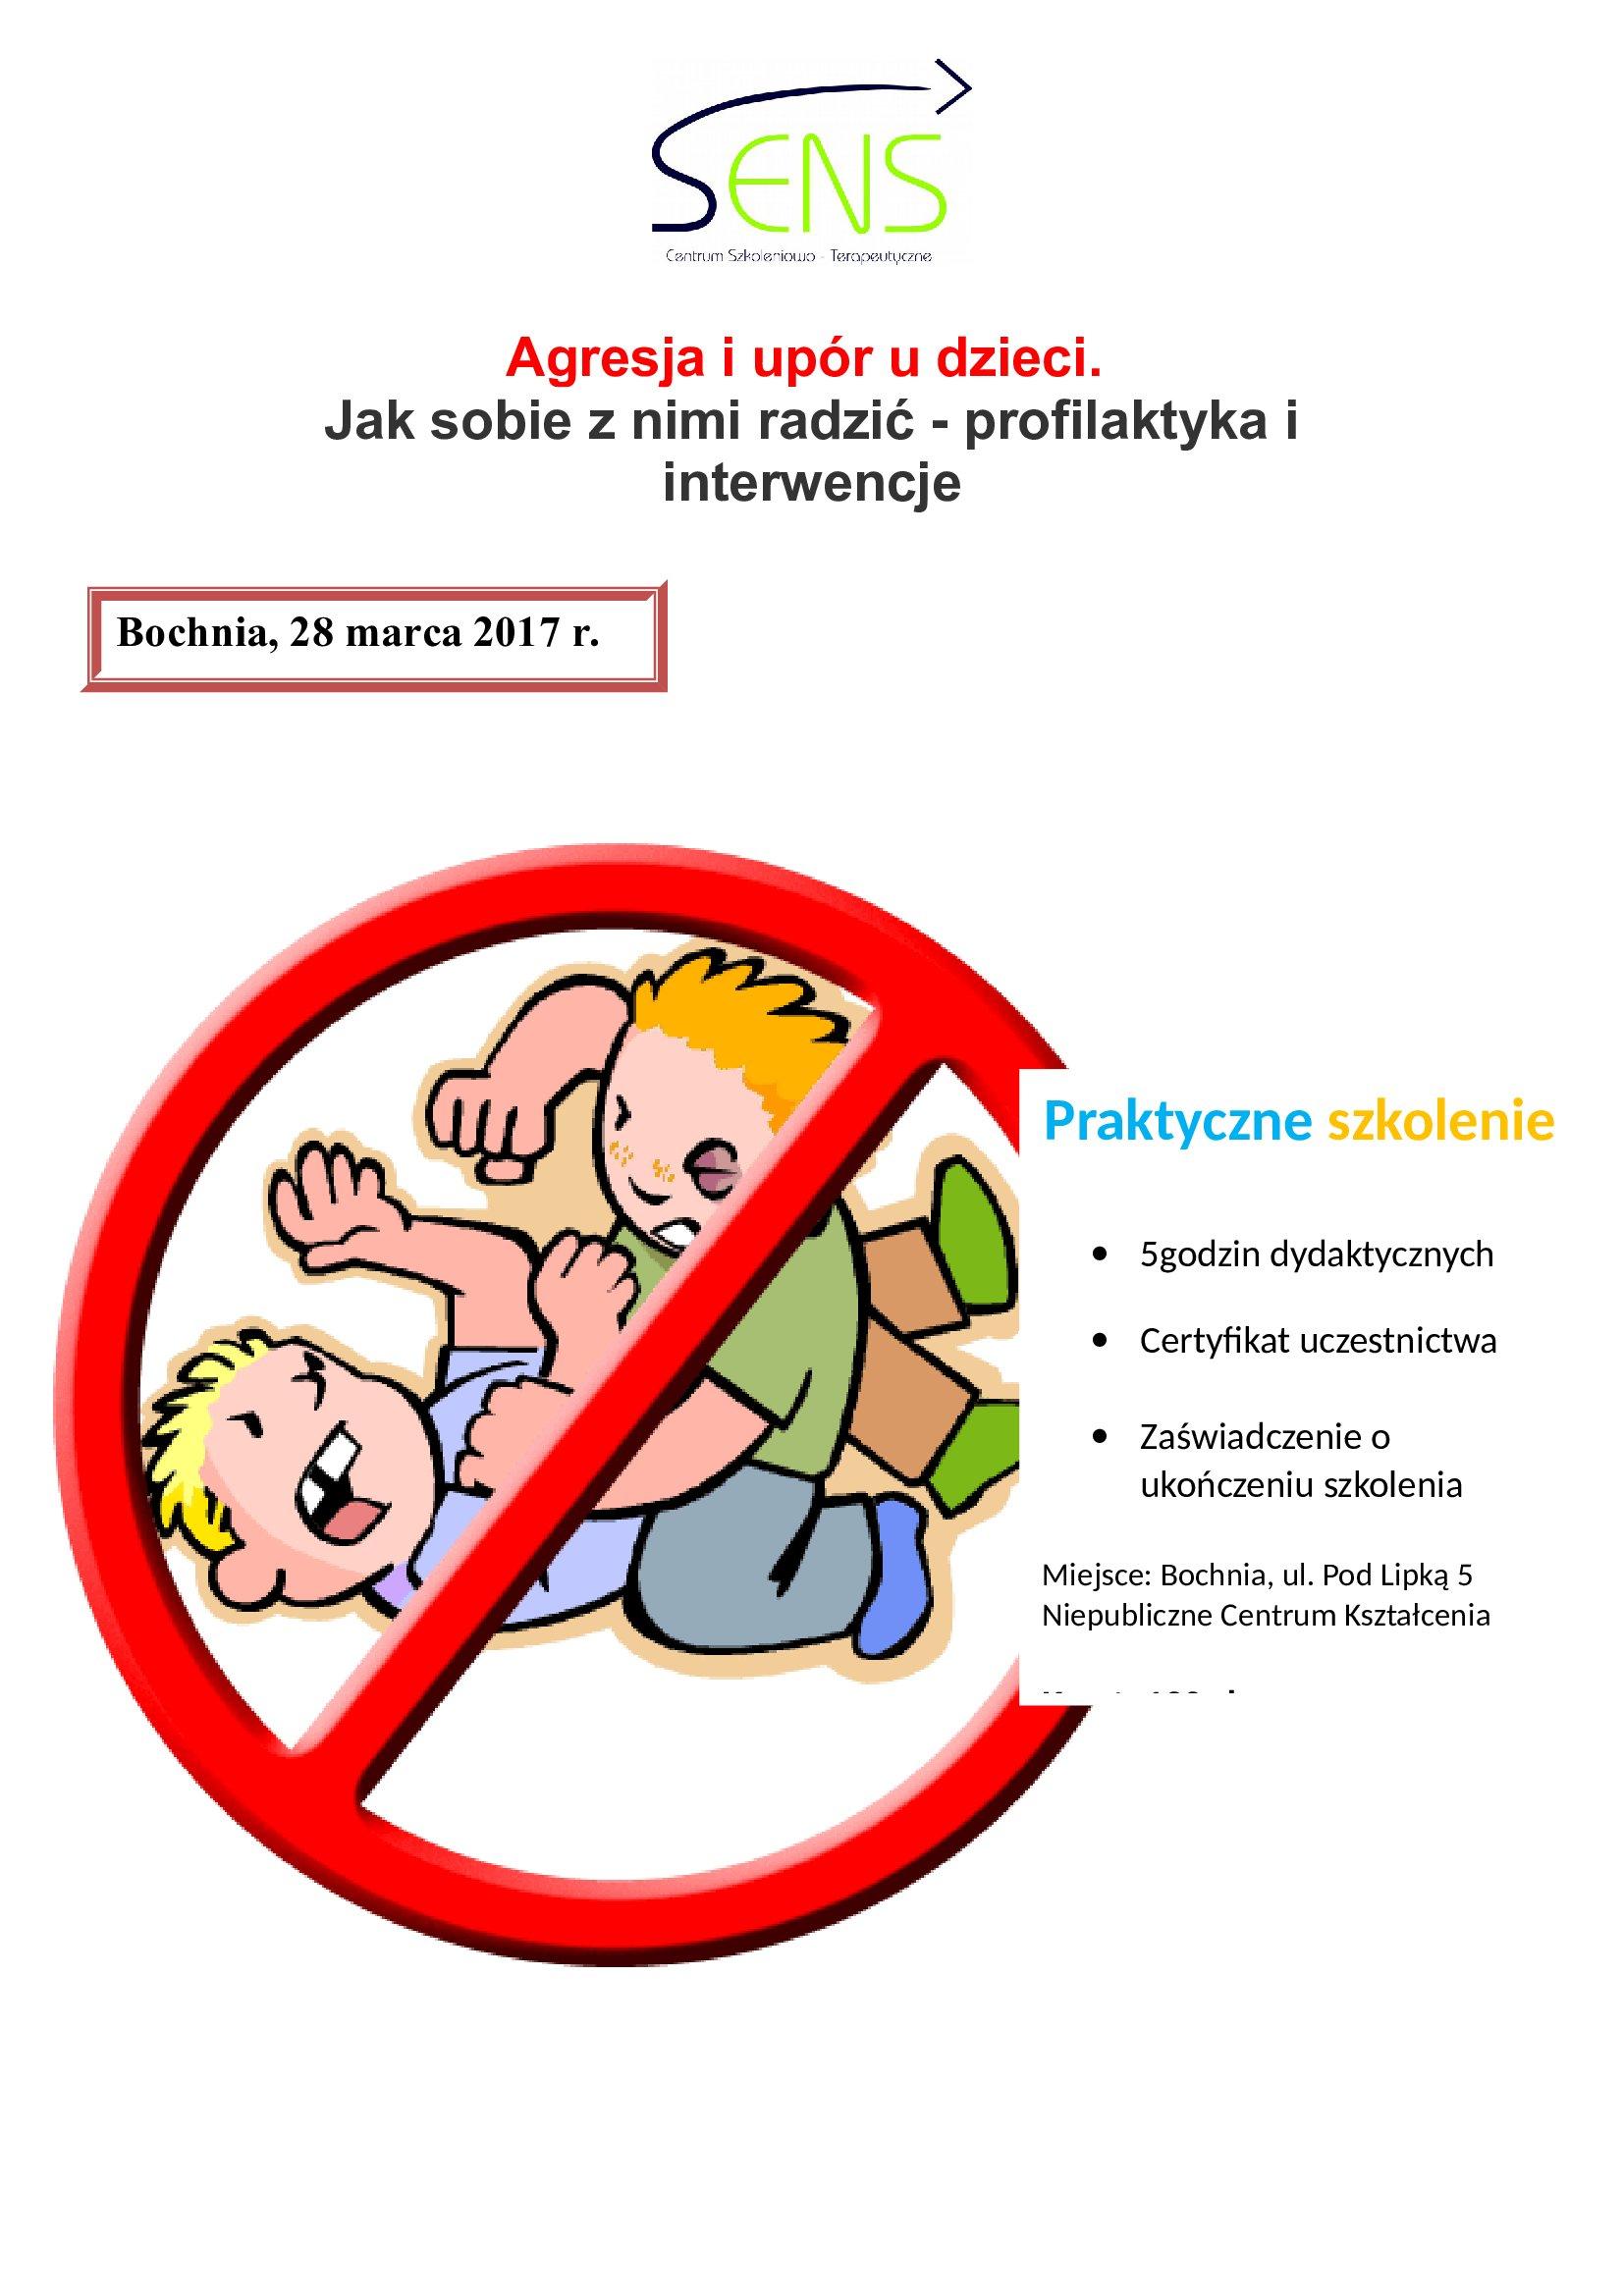 Bochnia. Agresja - profilaktyka i interwencje. 28.03.17 r.